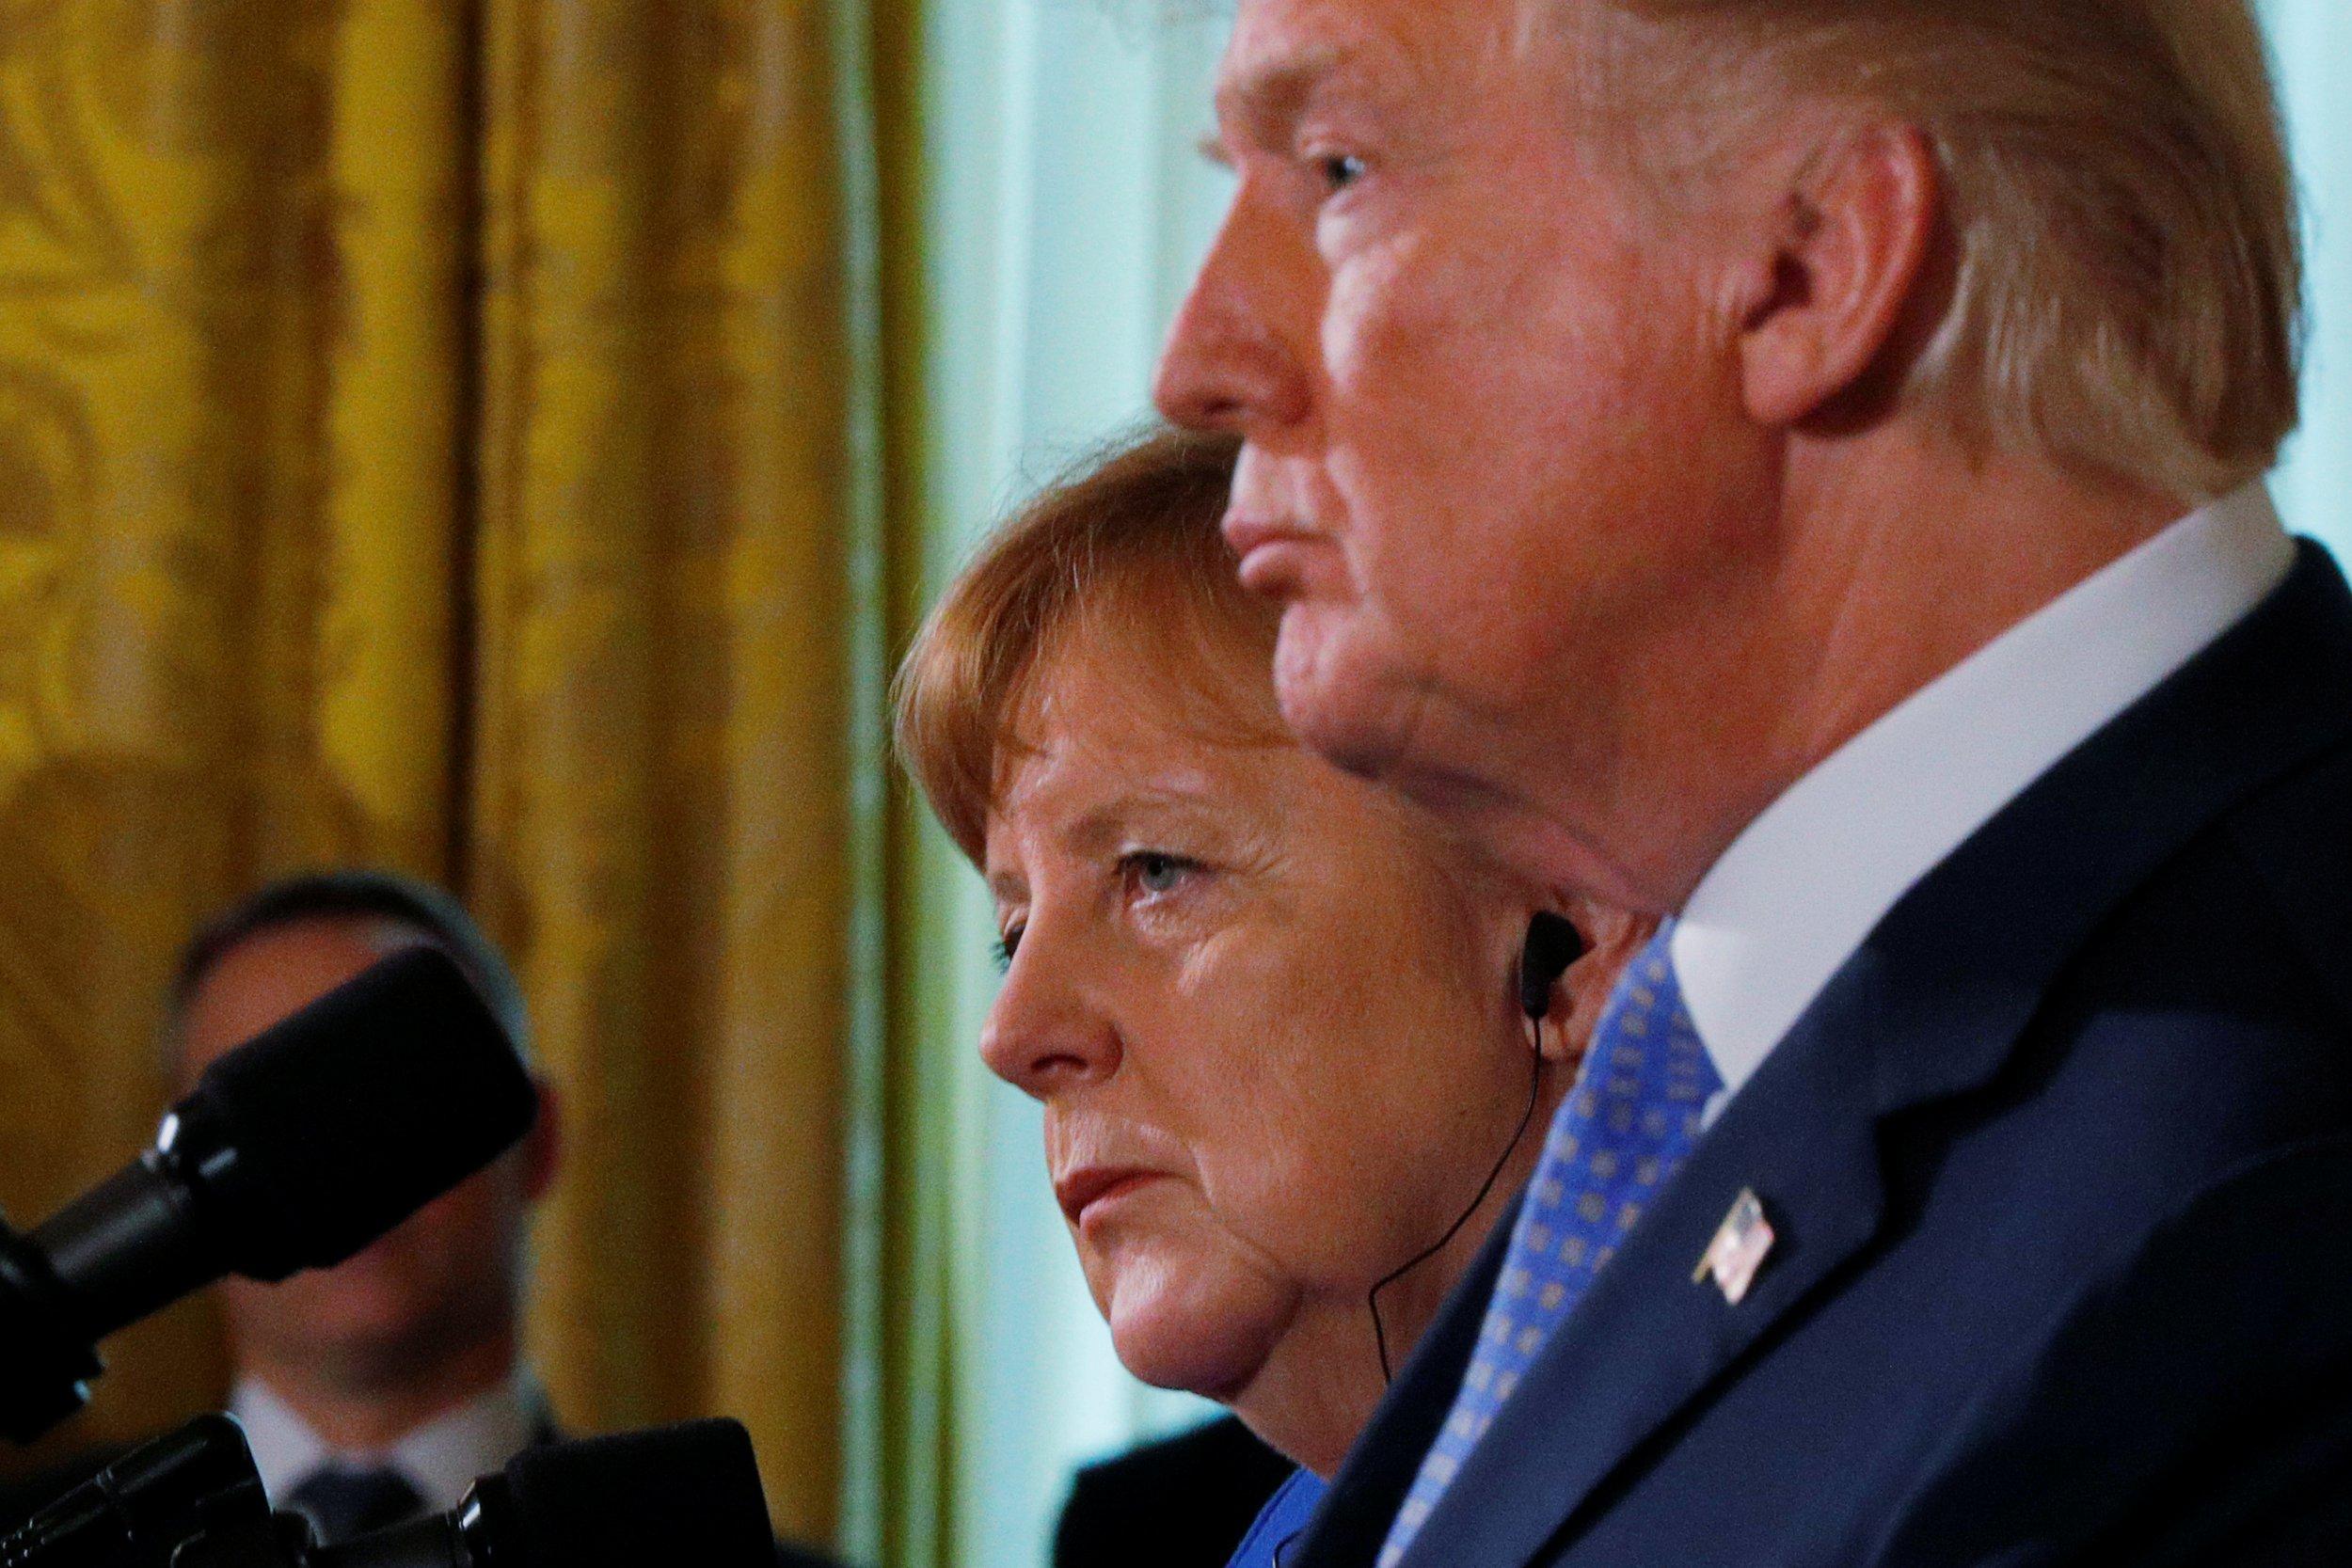 2018-04-28T141432Z_2_LYNXMPEE3R0DW_RTROPTP_4_USA-GERMANY